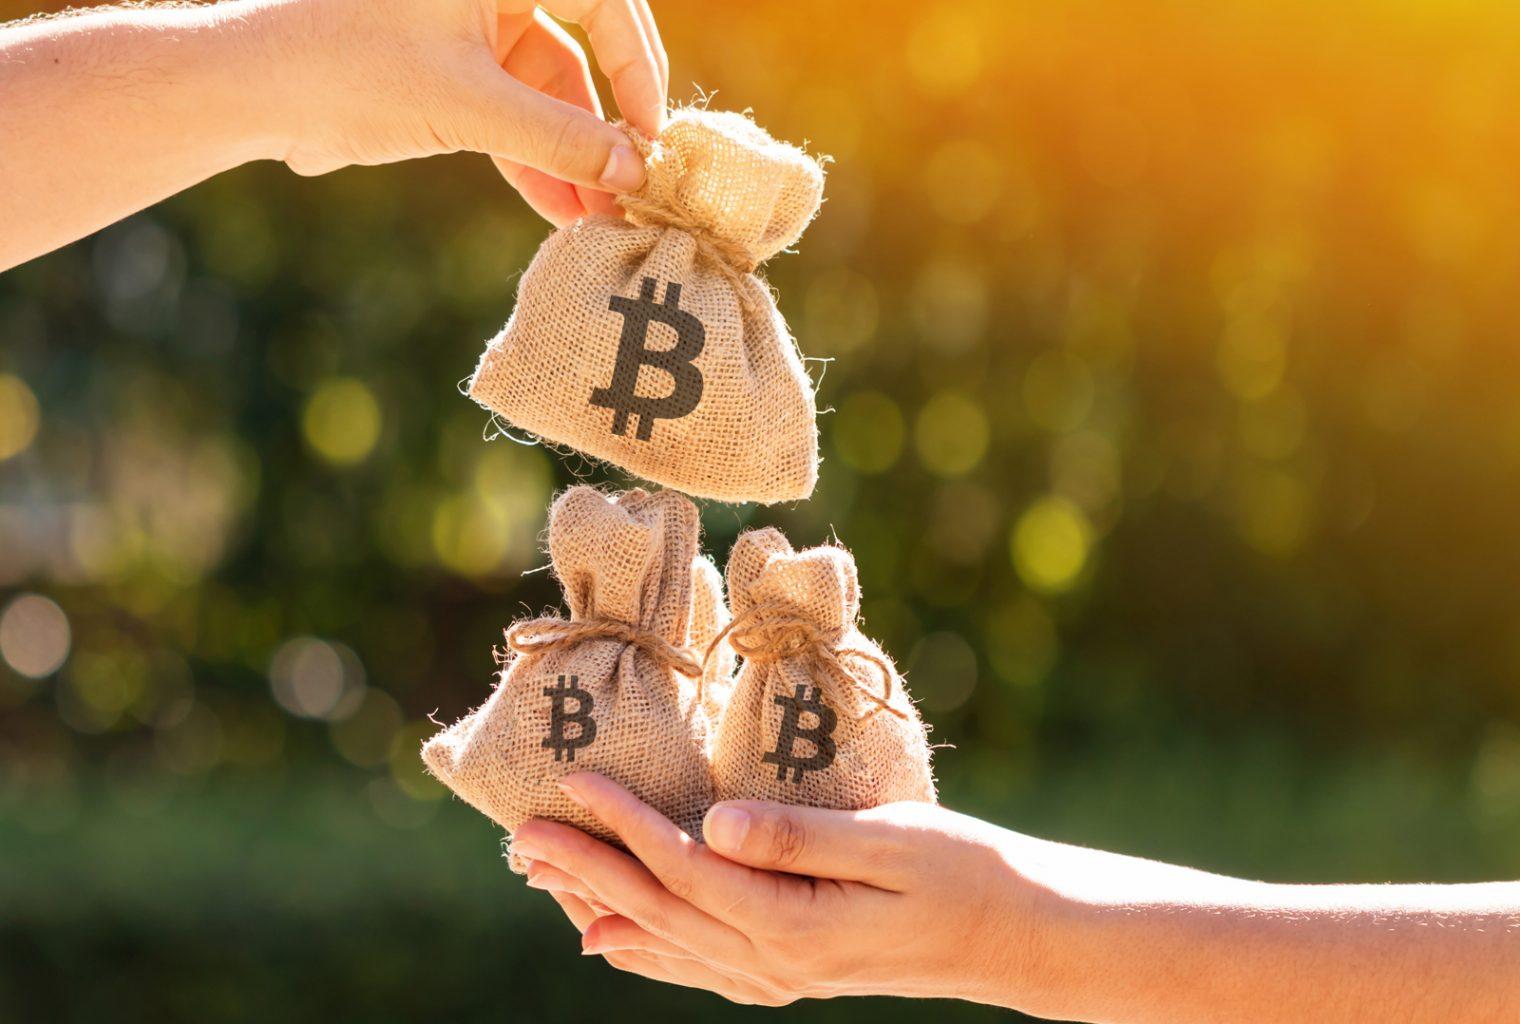 Kurumsal Sirket En Degerli Yatirim Bitcoin Dedi ve 250 Milyon Dolarlik BTC Aldi